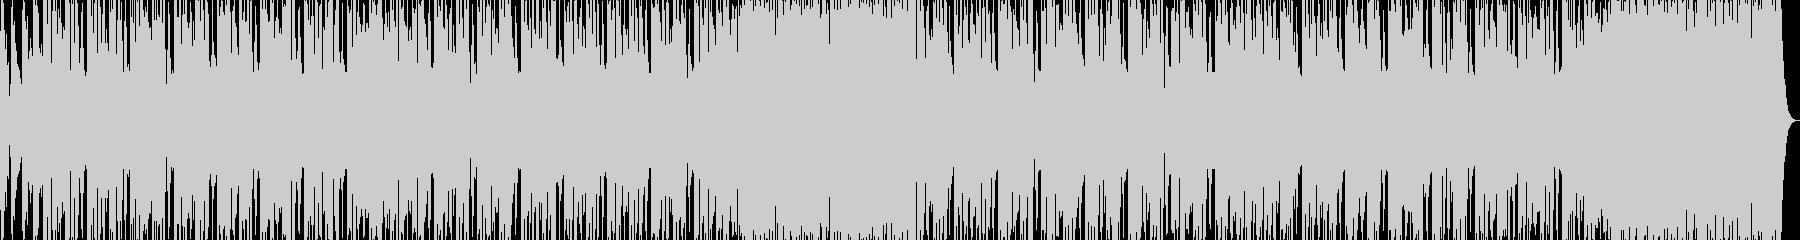 不思議風エレクトロの未再生の波形